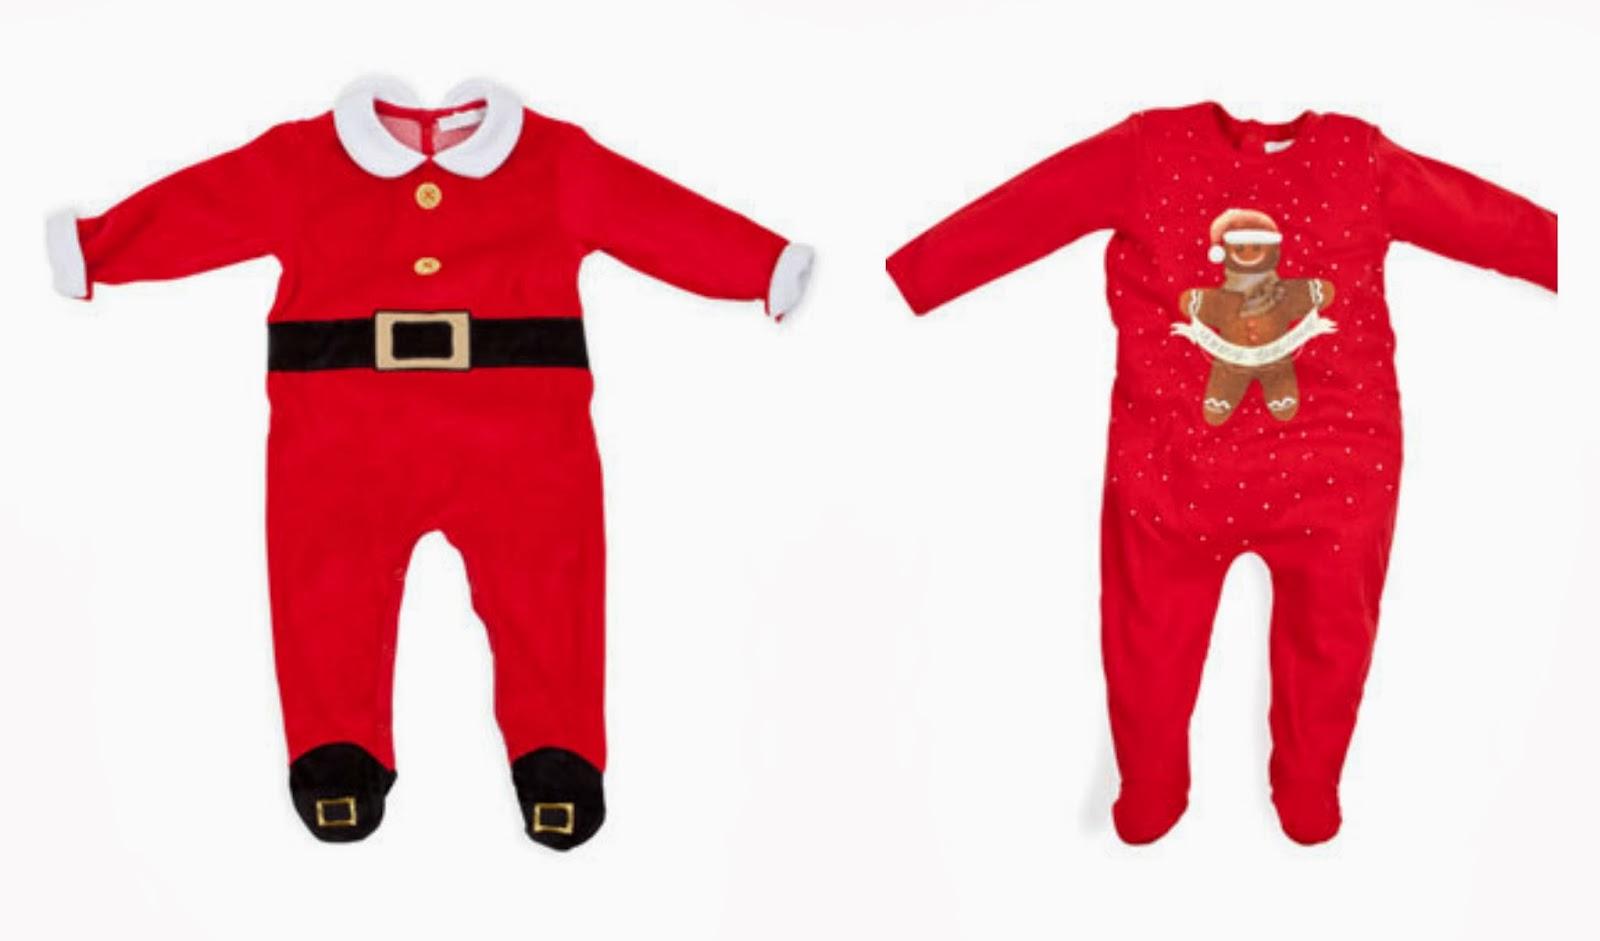 """6c2fed4a5 Vestir o No Vestir """"de Navidad"""" a los Niños  - Más allá del rosa o azul"""